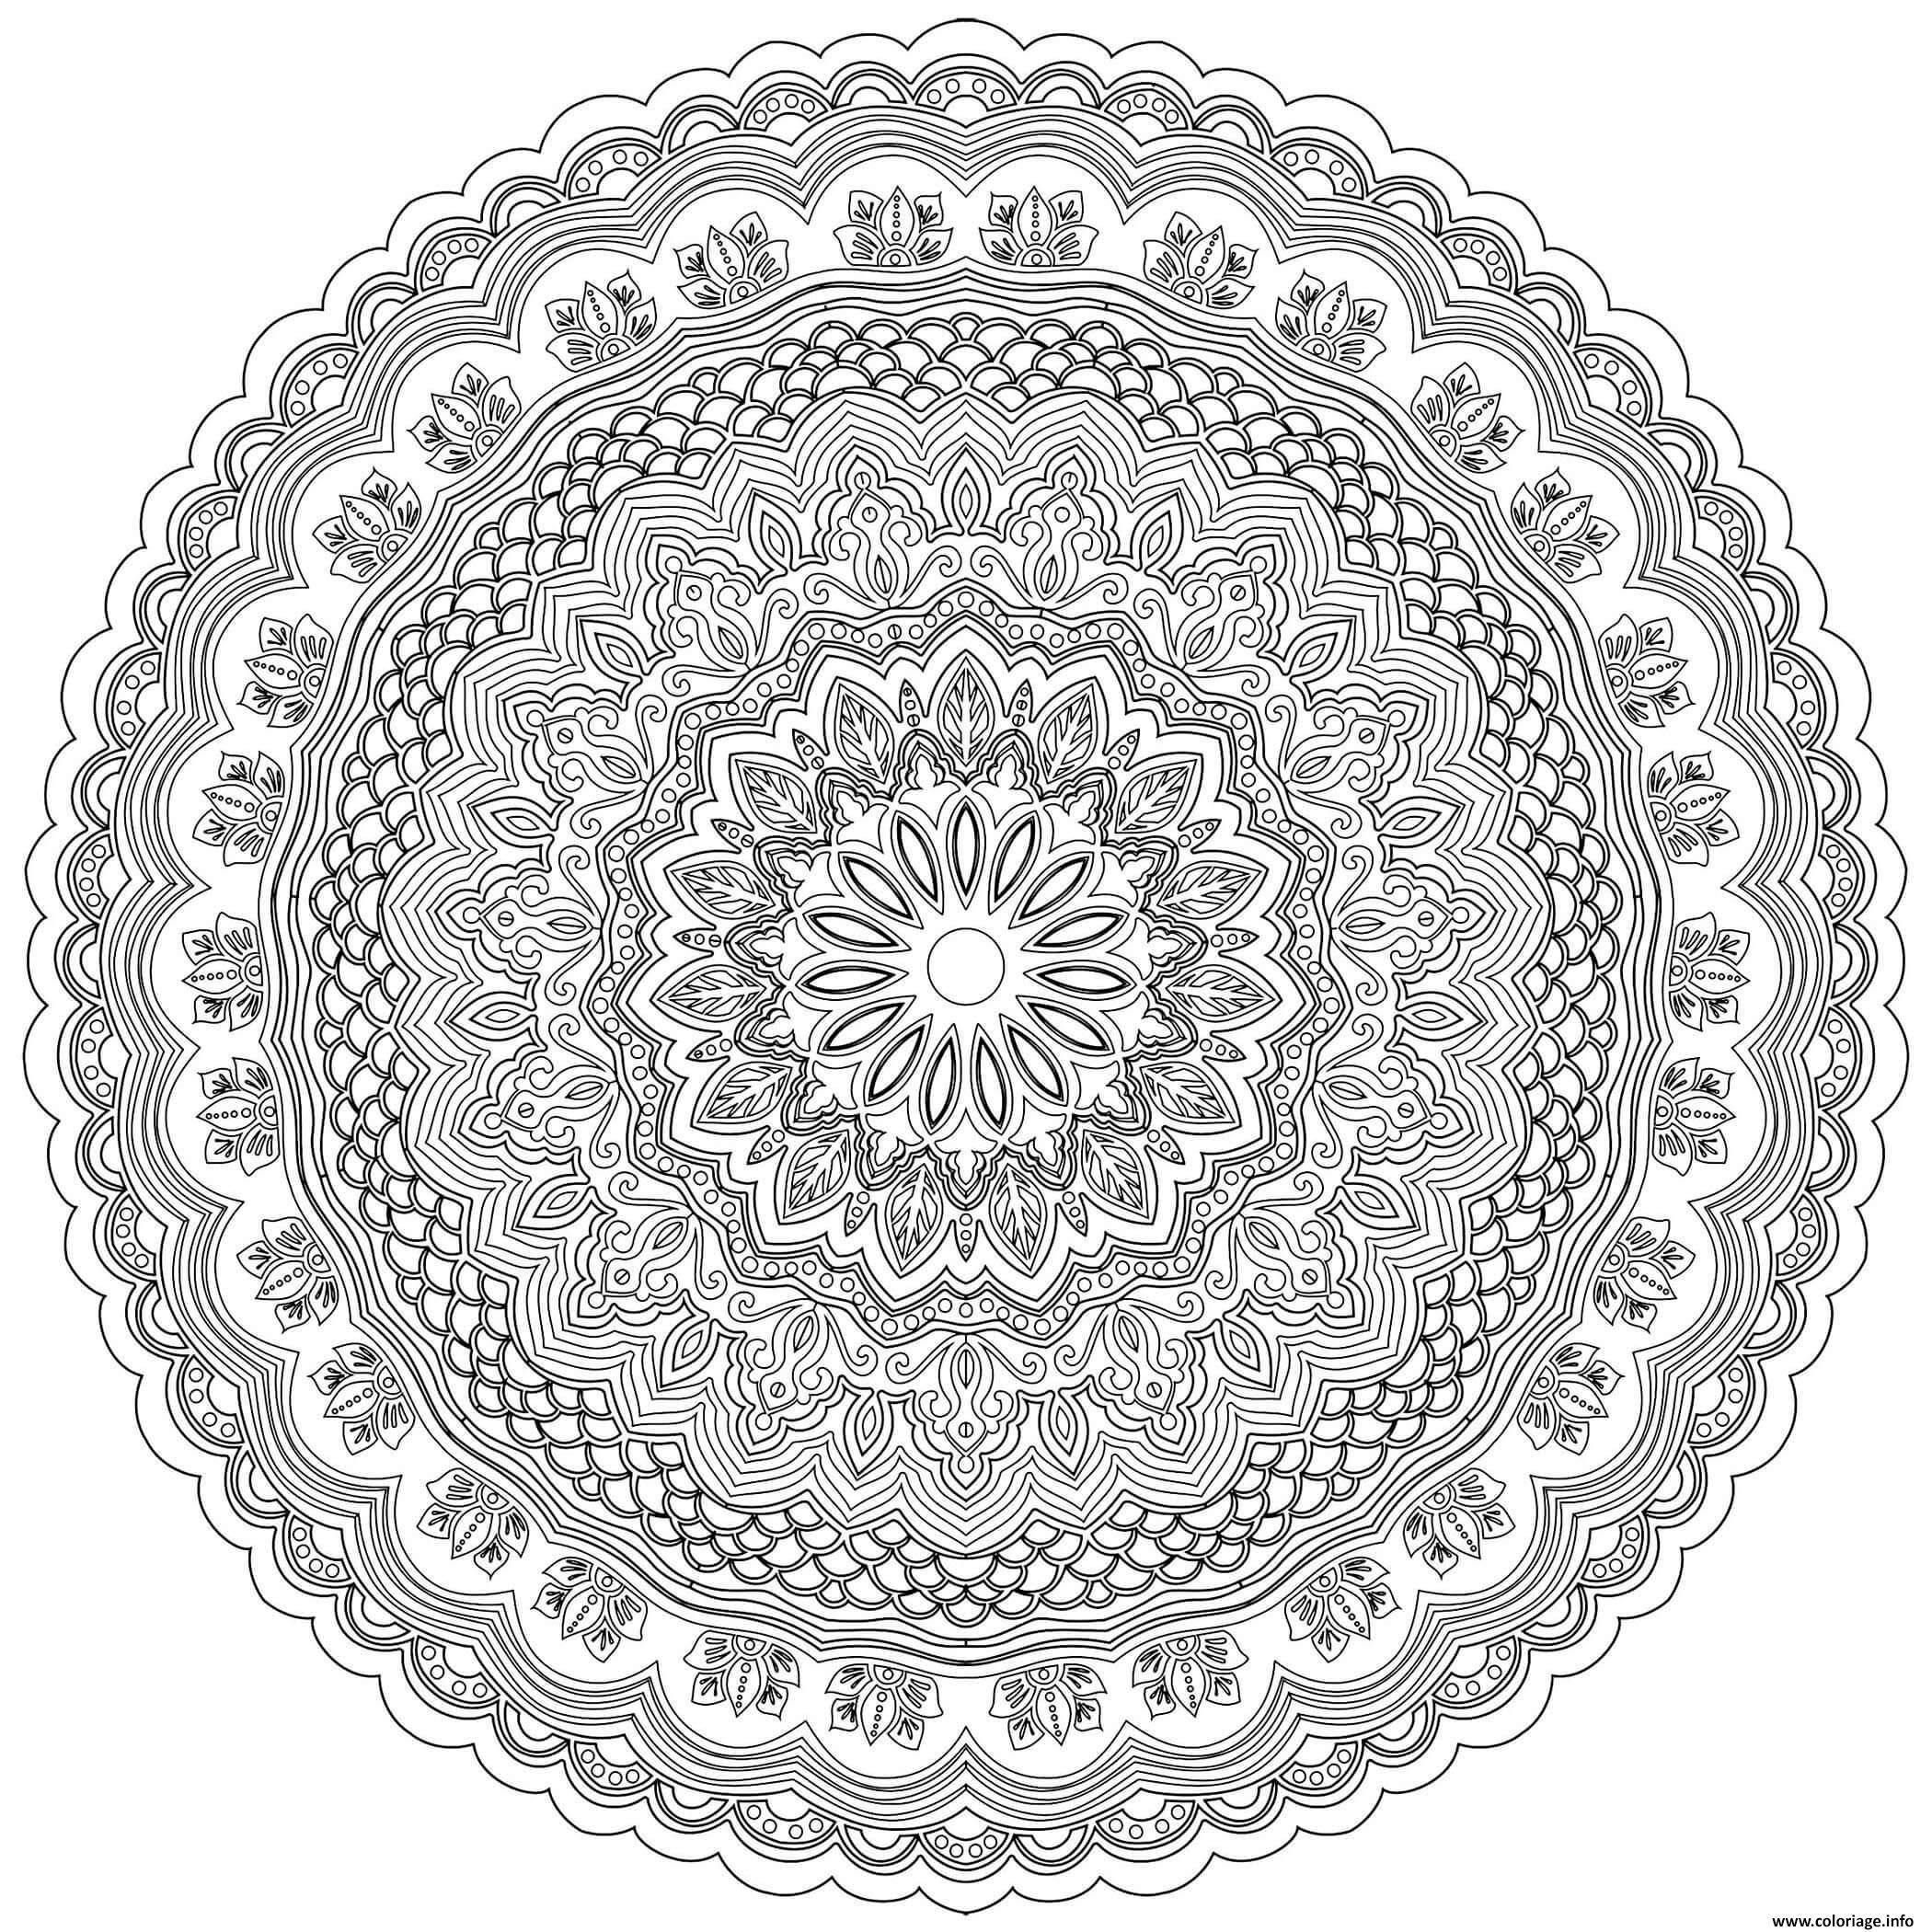 Dessin mandala zen antistress complexe adulte fleurs Coloriage Gratuit à Imprimer